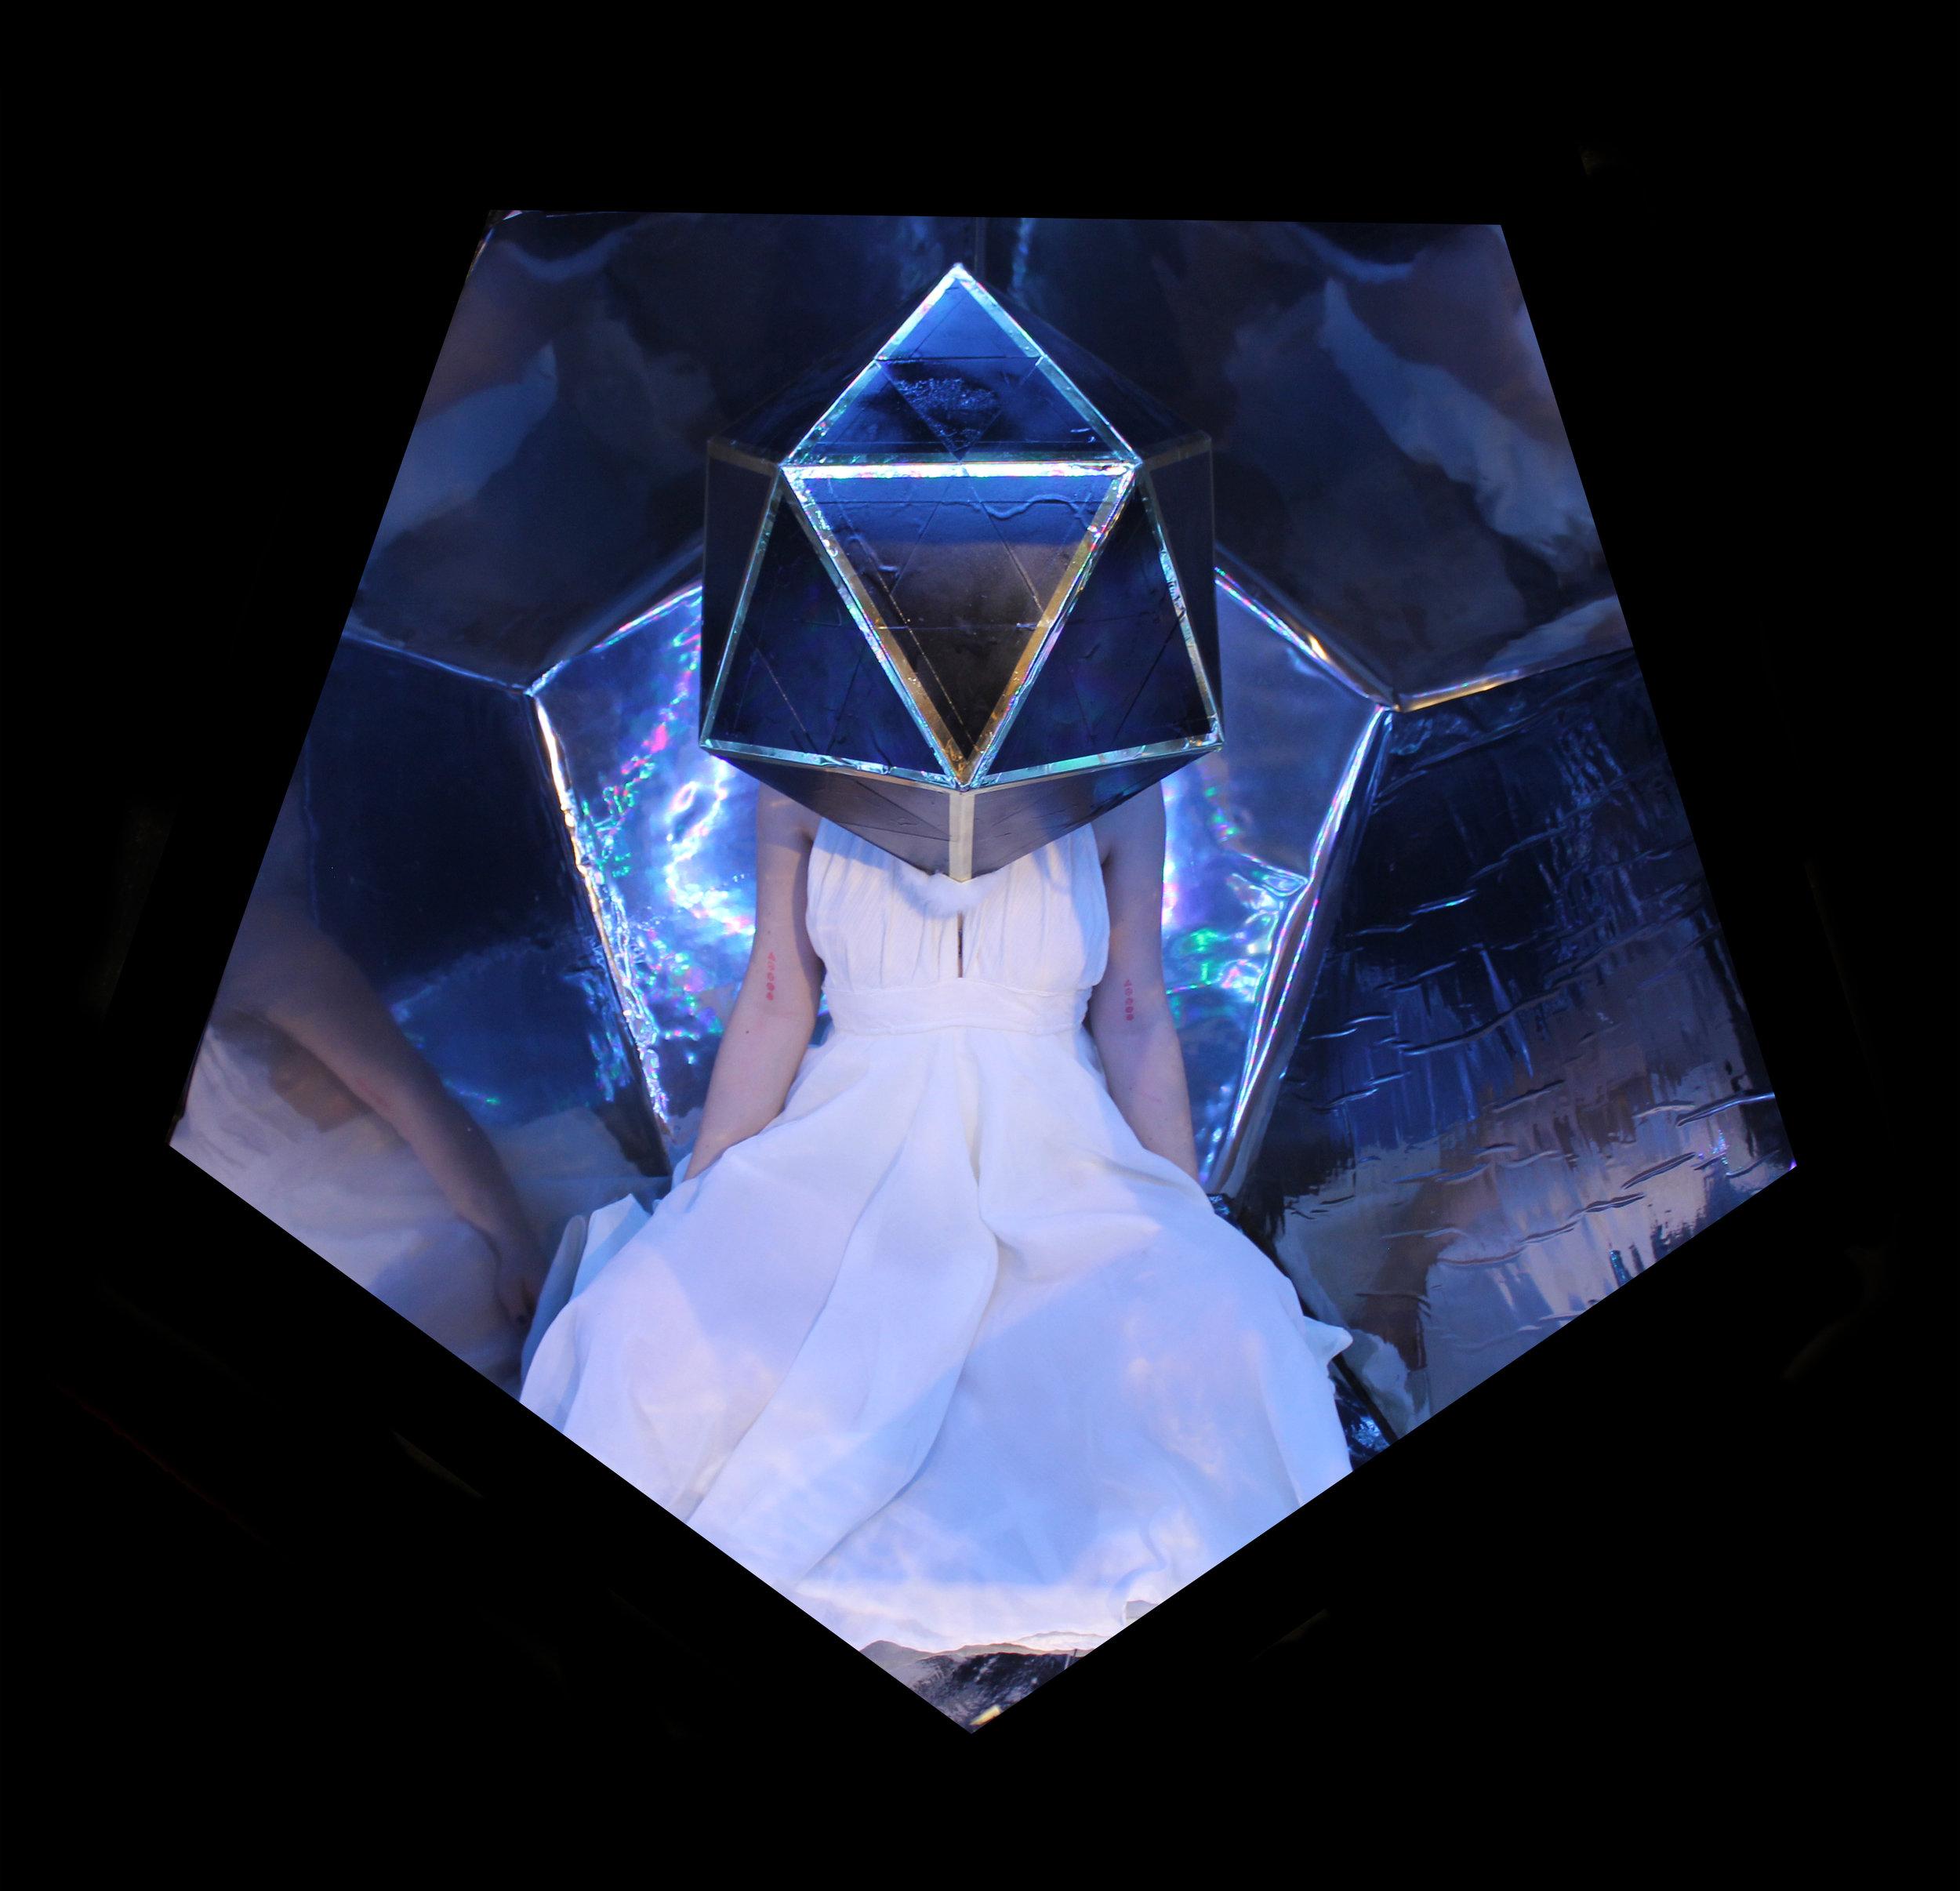 07_Dual_Polyhedron.jpg